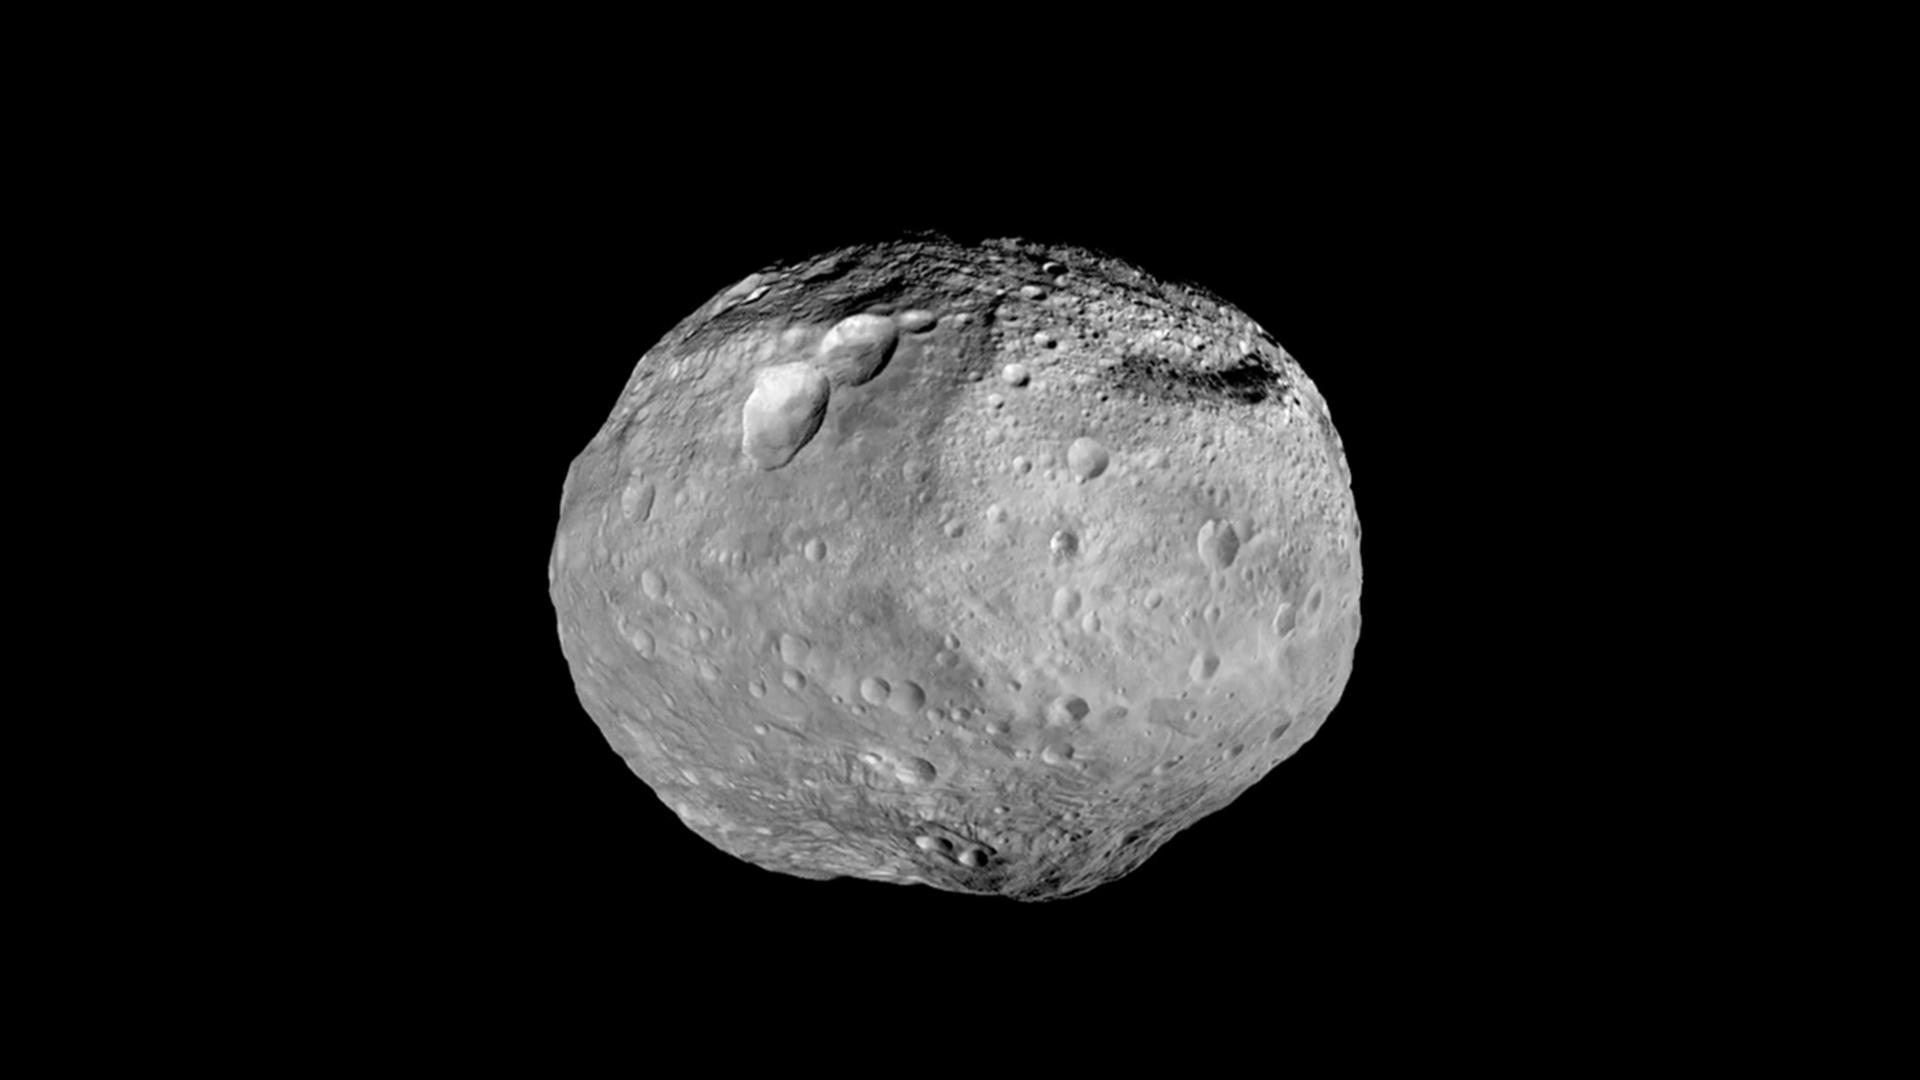 Deux astéroïdes de taille moyenne vont survoler la Terre « en toute sécurité » ce samedi